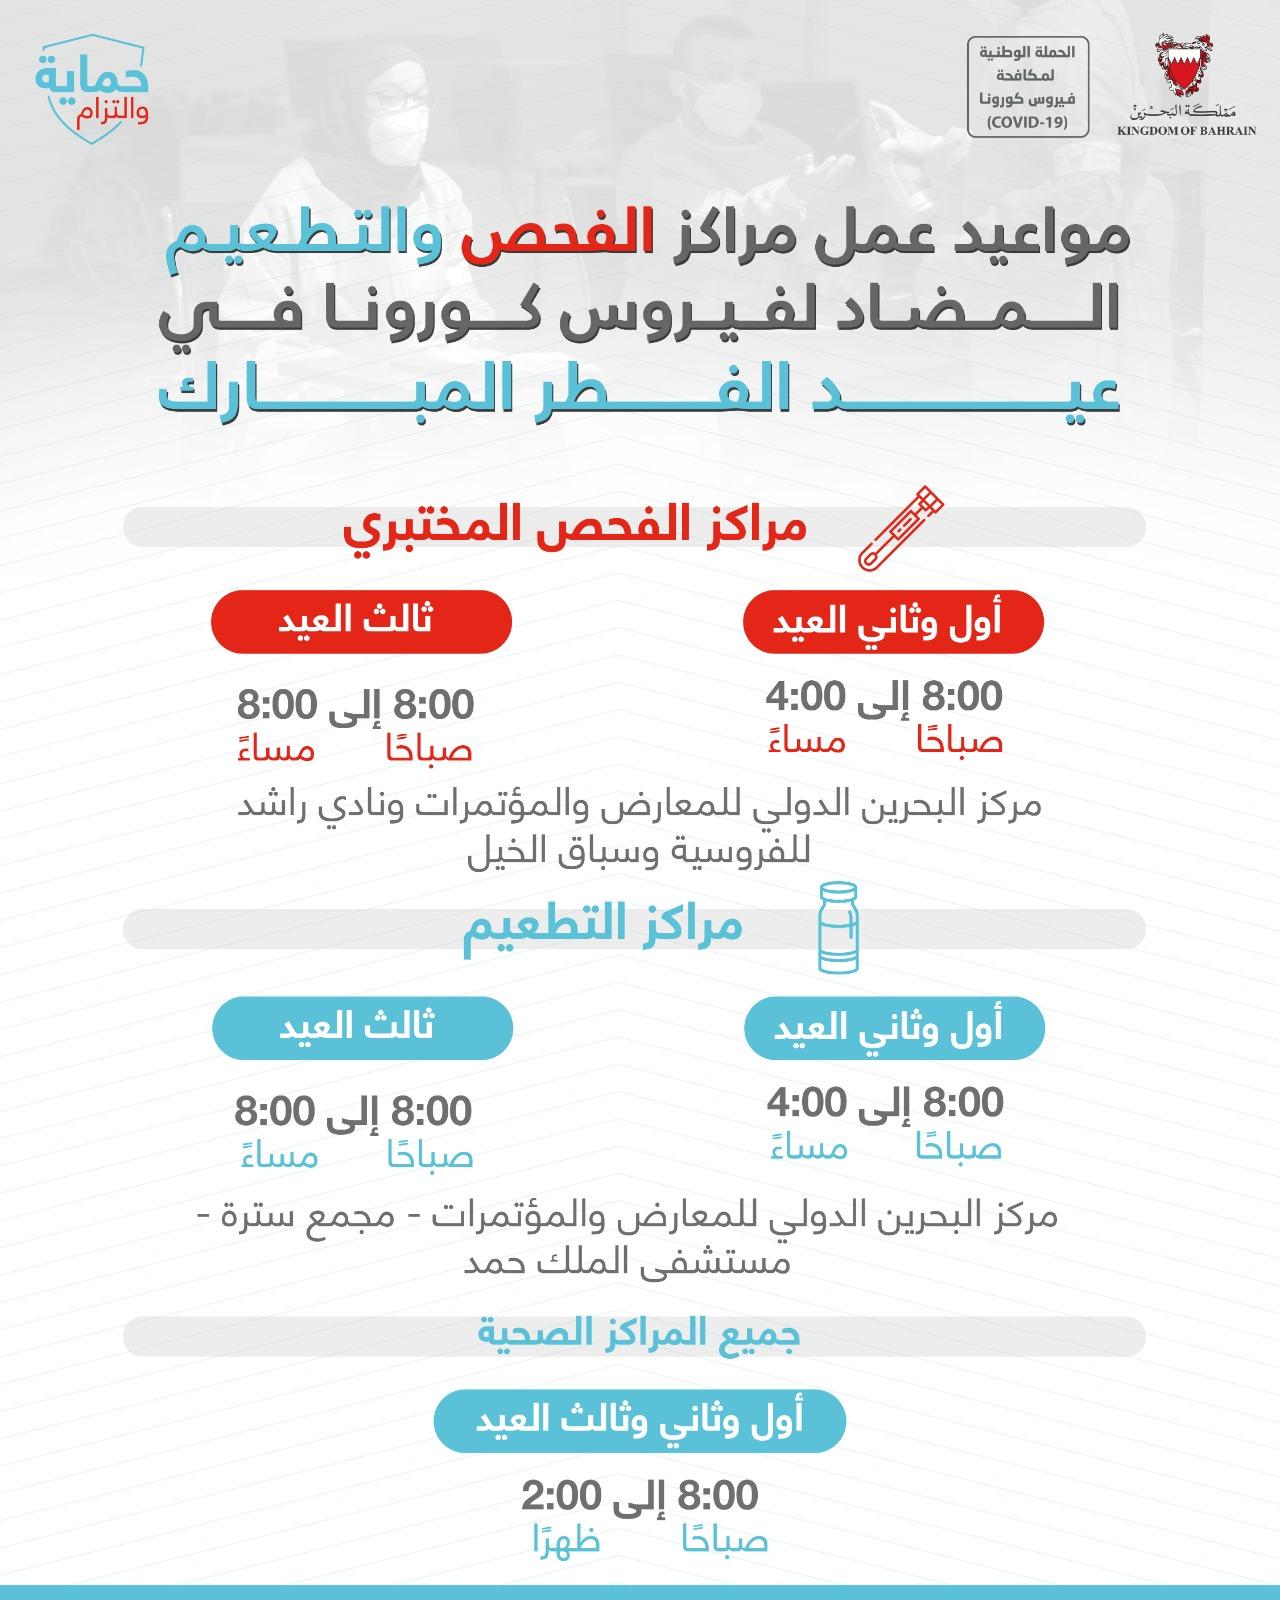 الإعلان عن مواعيد عمل مراكز الفحص والتطعيم خلال إجازة عيد الفطر السعيد